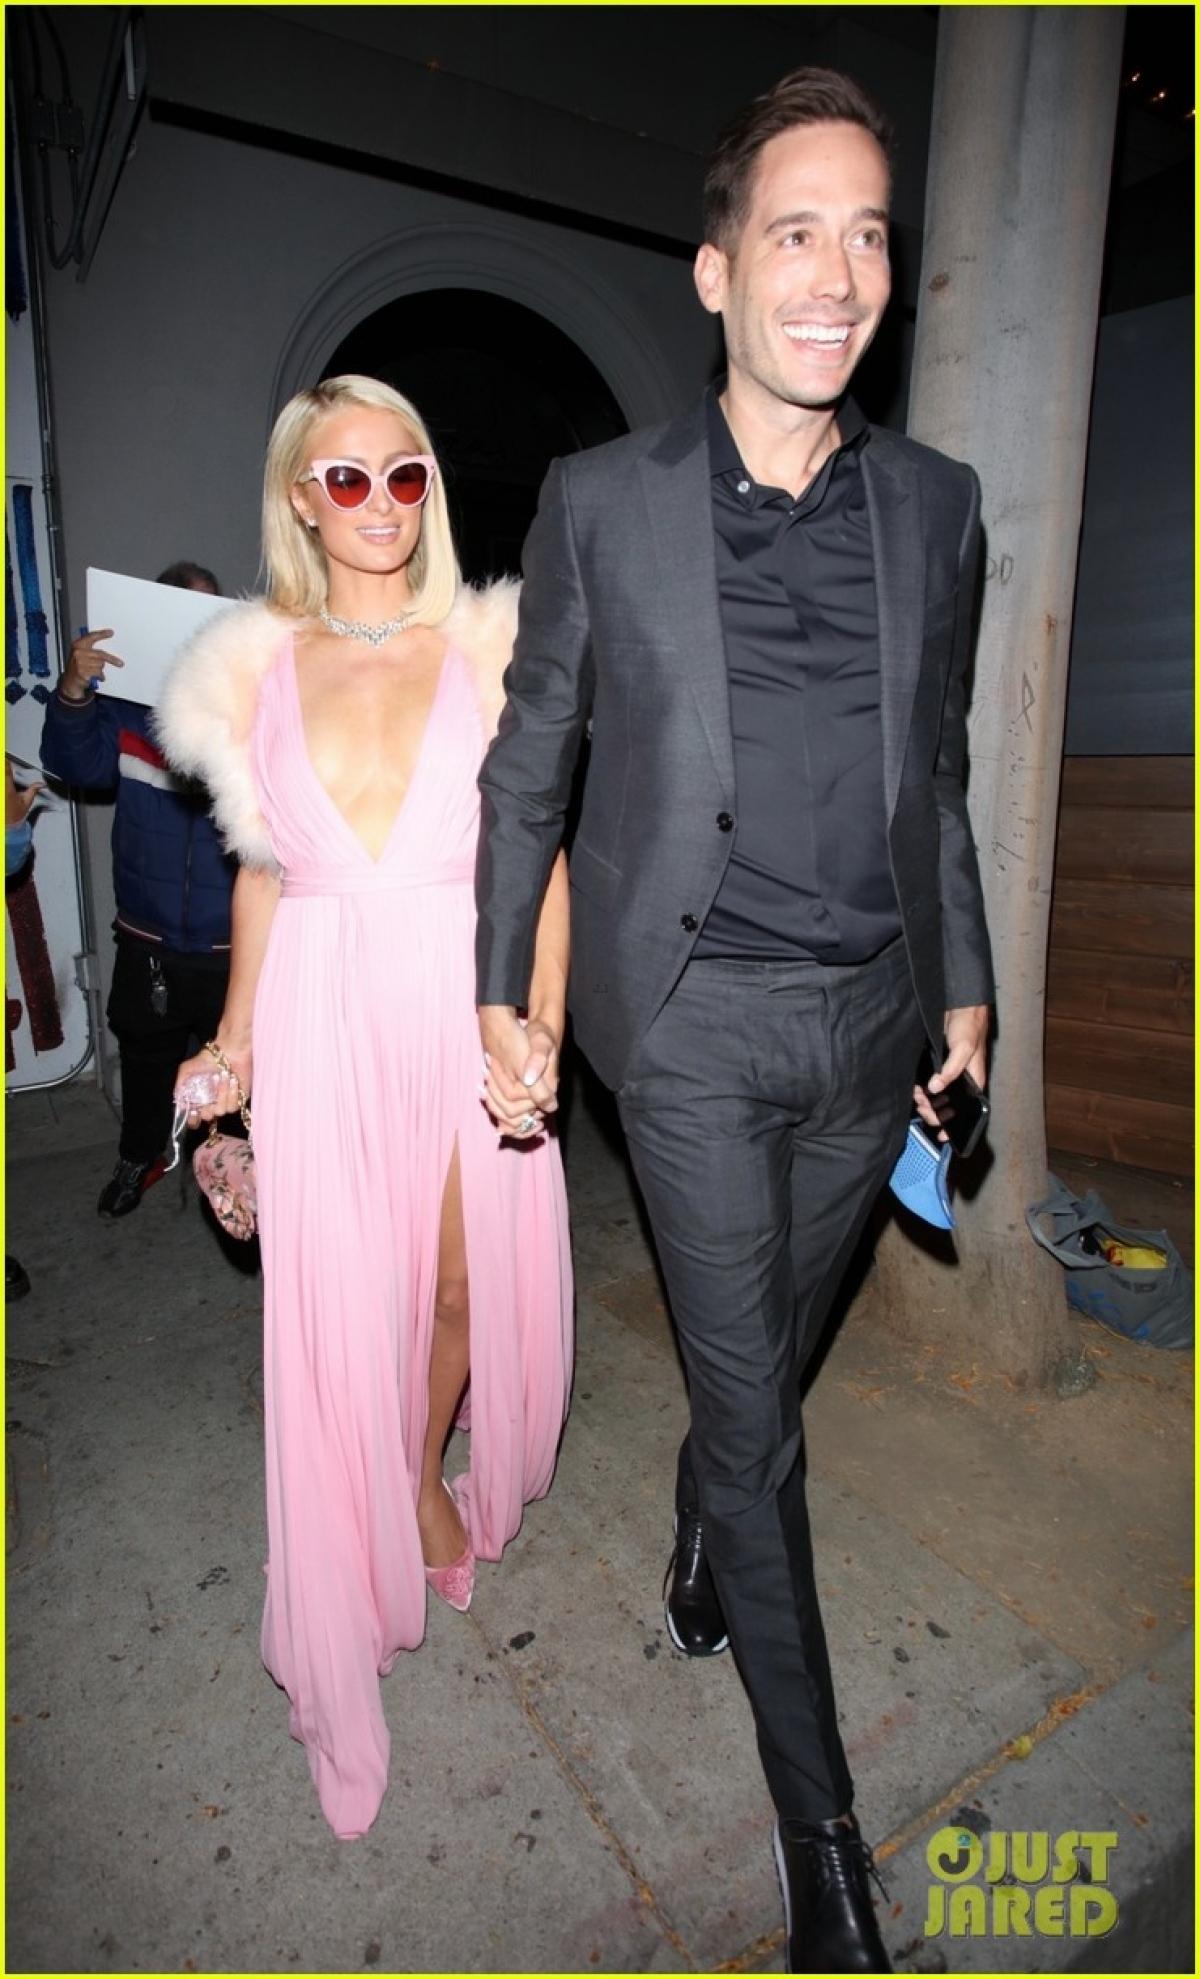 """Trước đó, DJ Paris Hilton cho biết đang thực hiện thụ tinh trong ống nghiệm cùng bạn trai, muốn có một cặp sinh đôi, """"Chúng tôi đang thực hiện IVF (thụ tinh trong ống nghiệm) nên tôi có thể chọn một cặp song sinh nếu muốn. Kim Kardashian là người giới thiệu tôi với phương pháp này. Trước đó, tôi không biết gì về nó""""."""